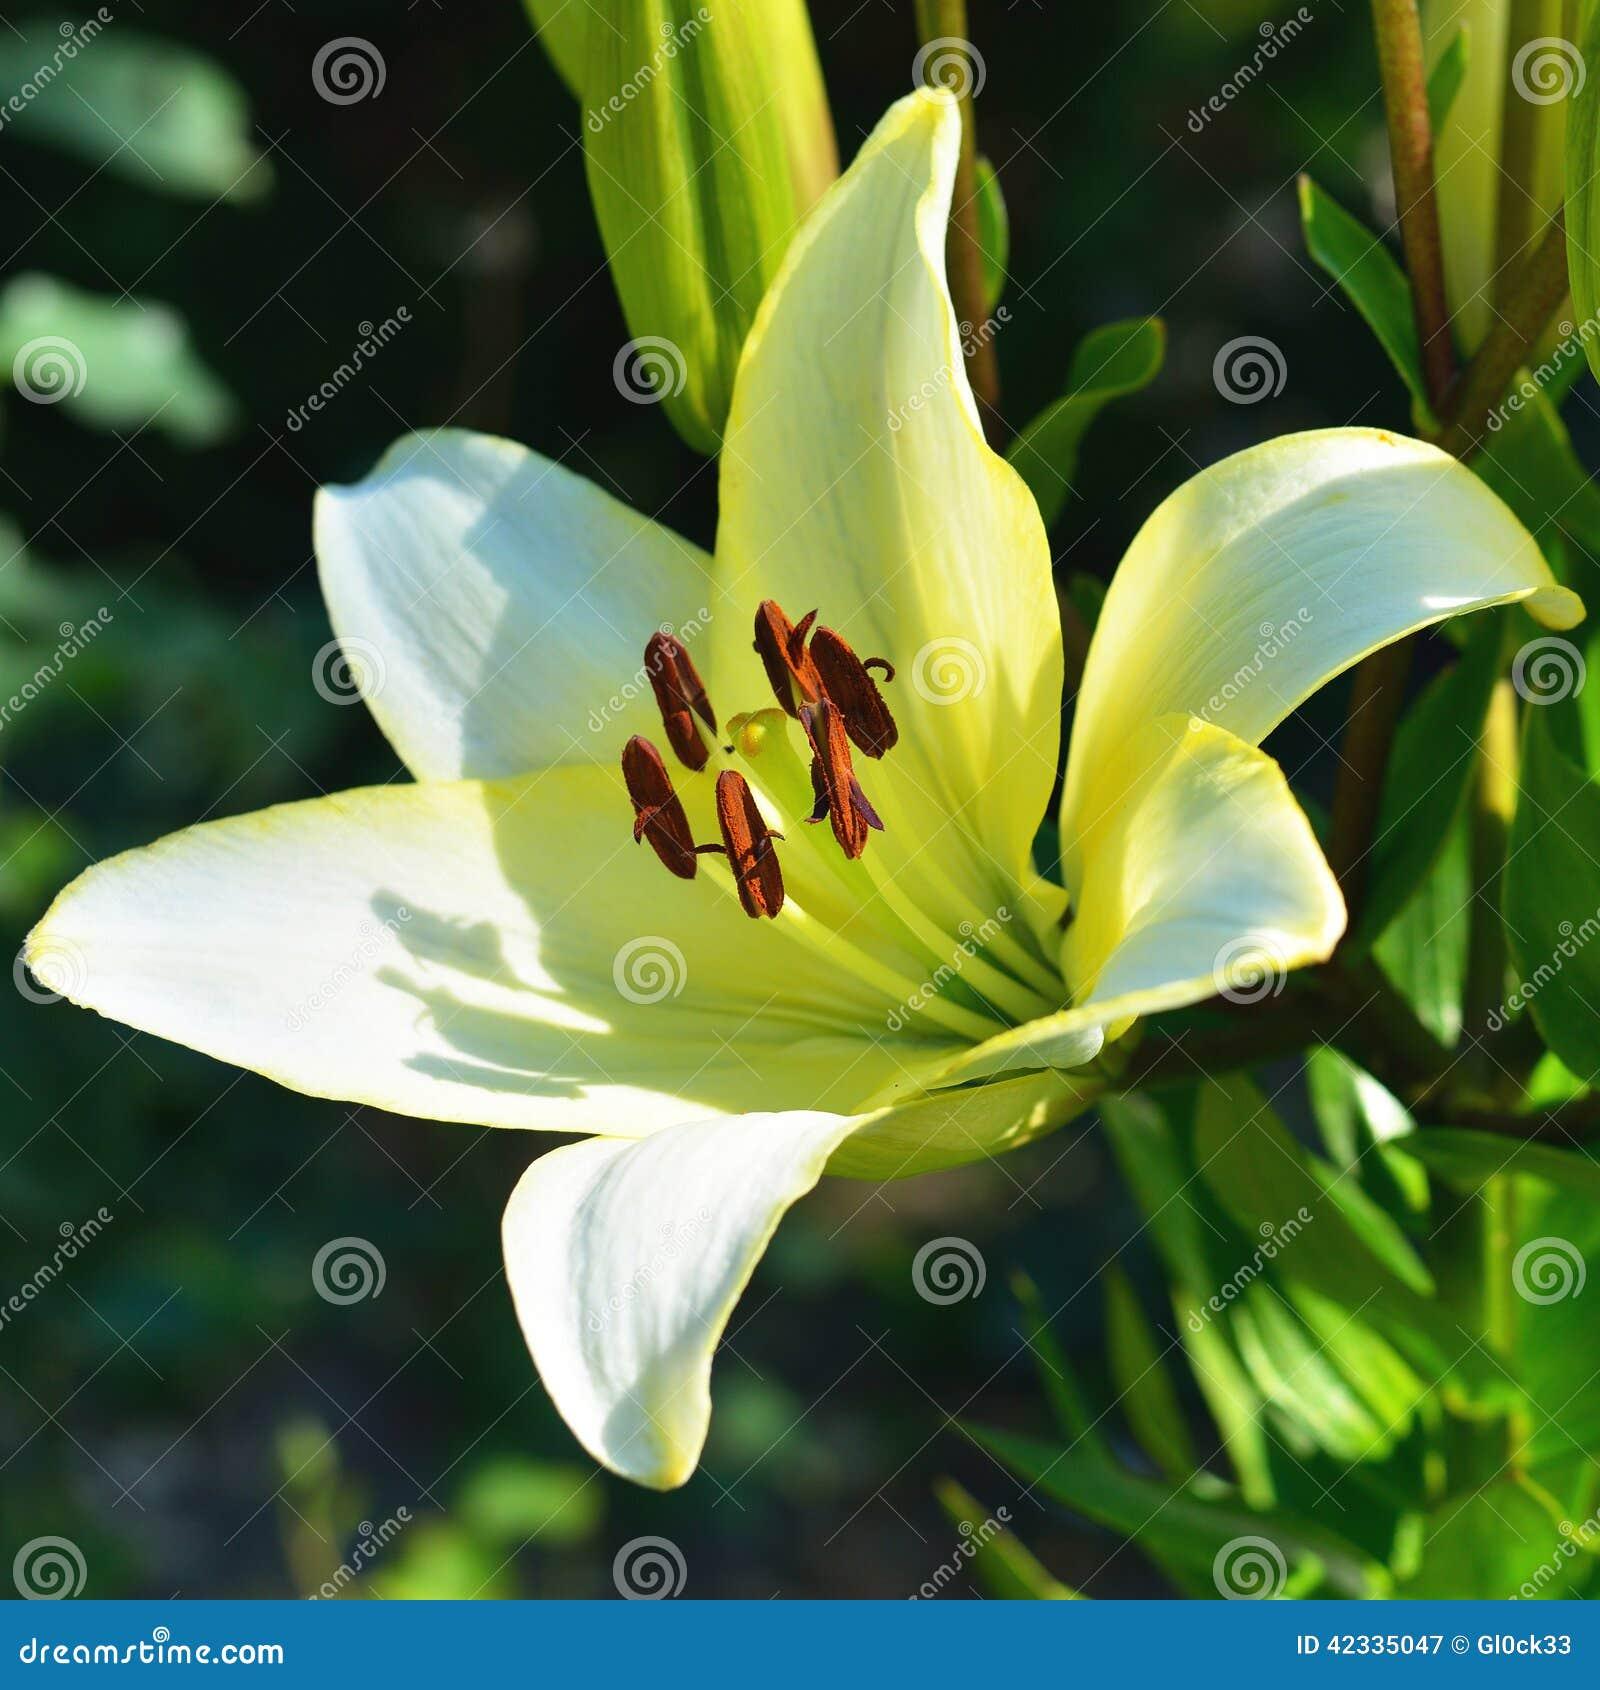 百合花,美麗的黃色黃花菜的圖象開花.圖片